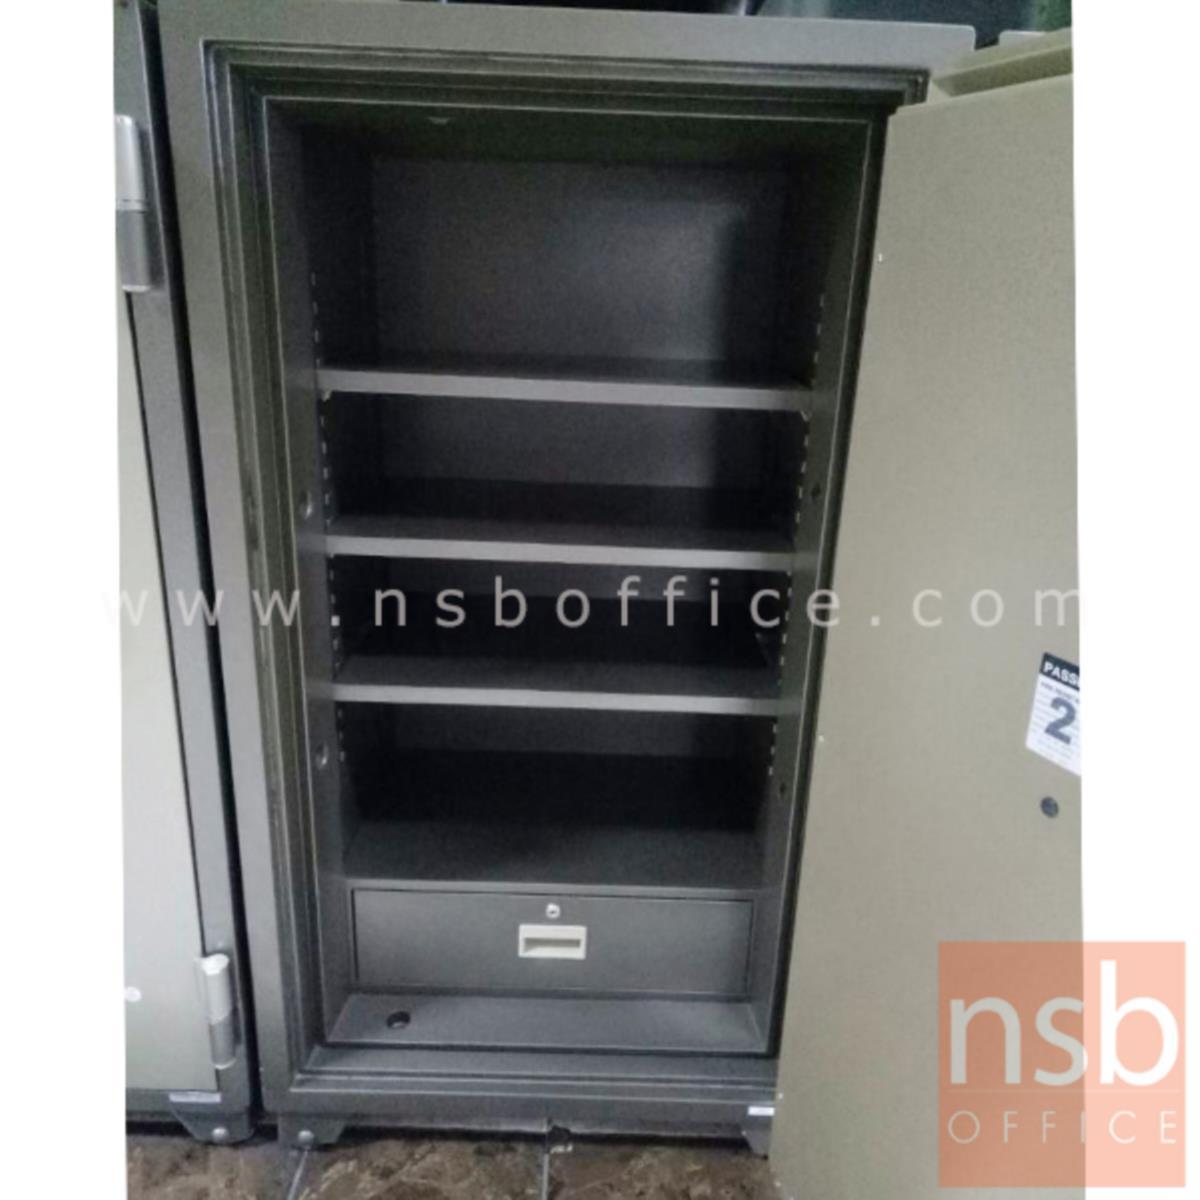 ตู้เซฟนิรภัยชนิดดิจิตอล 370 กก.   รุ่น PRESIDENT-SB70D มี 1 กุญแจ 1 รหัส (ใช้กดหน้าตู้)